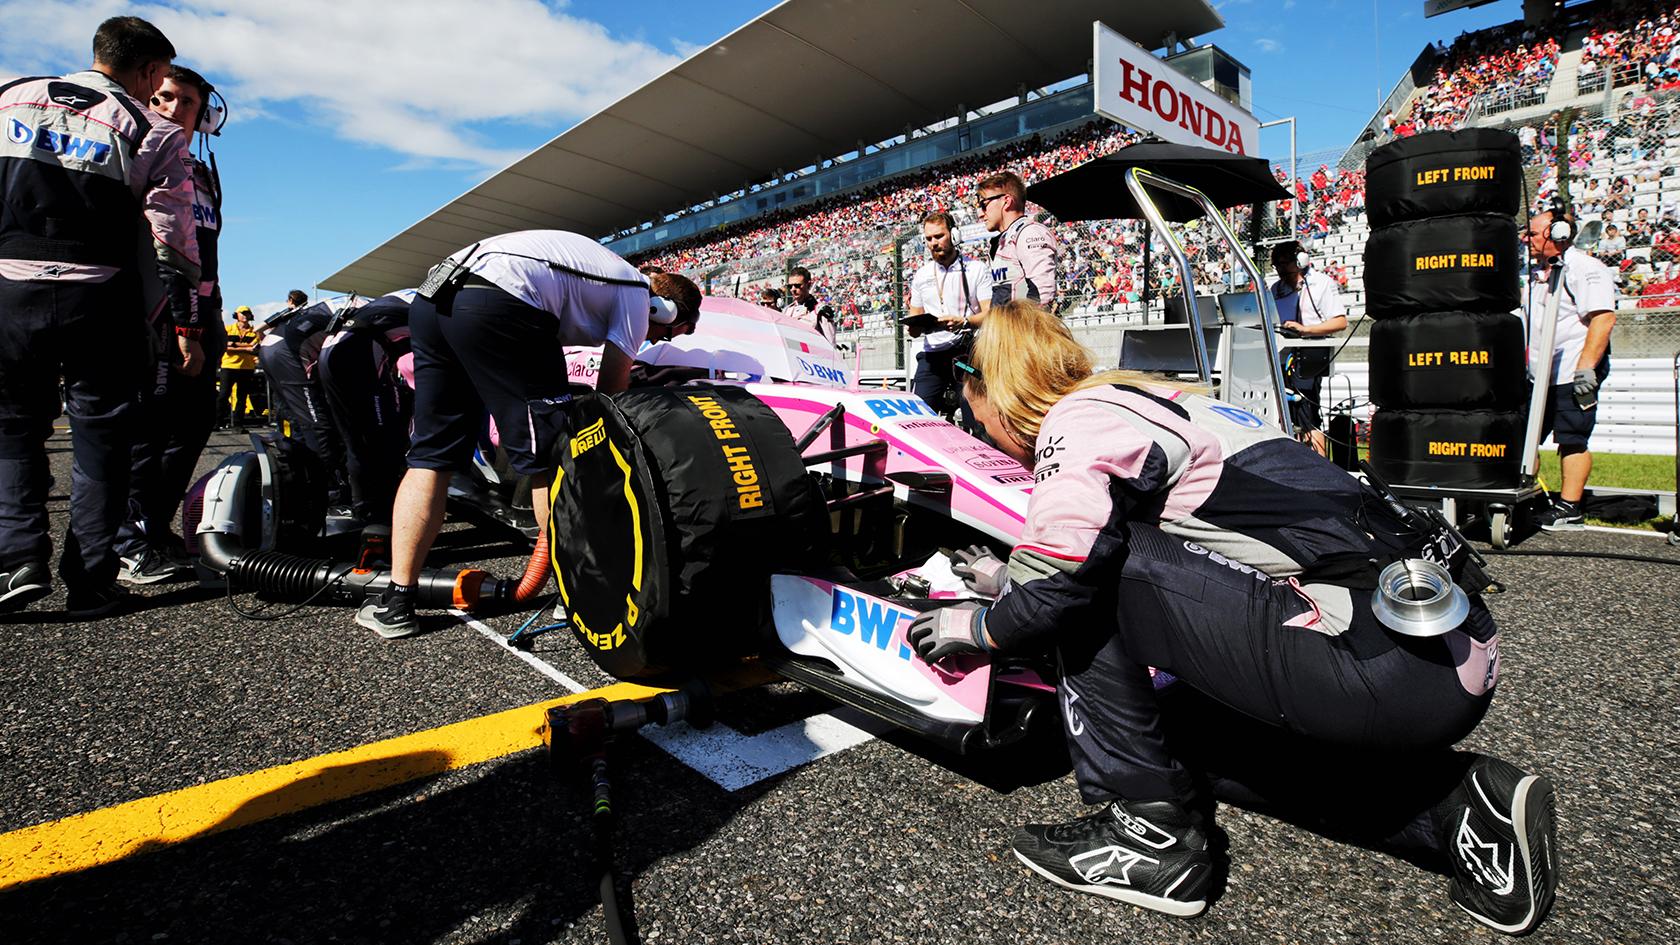 En Formel 1-bil skal kunne bremse fra 300 km/t til komplet stop på 4 sekunder.